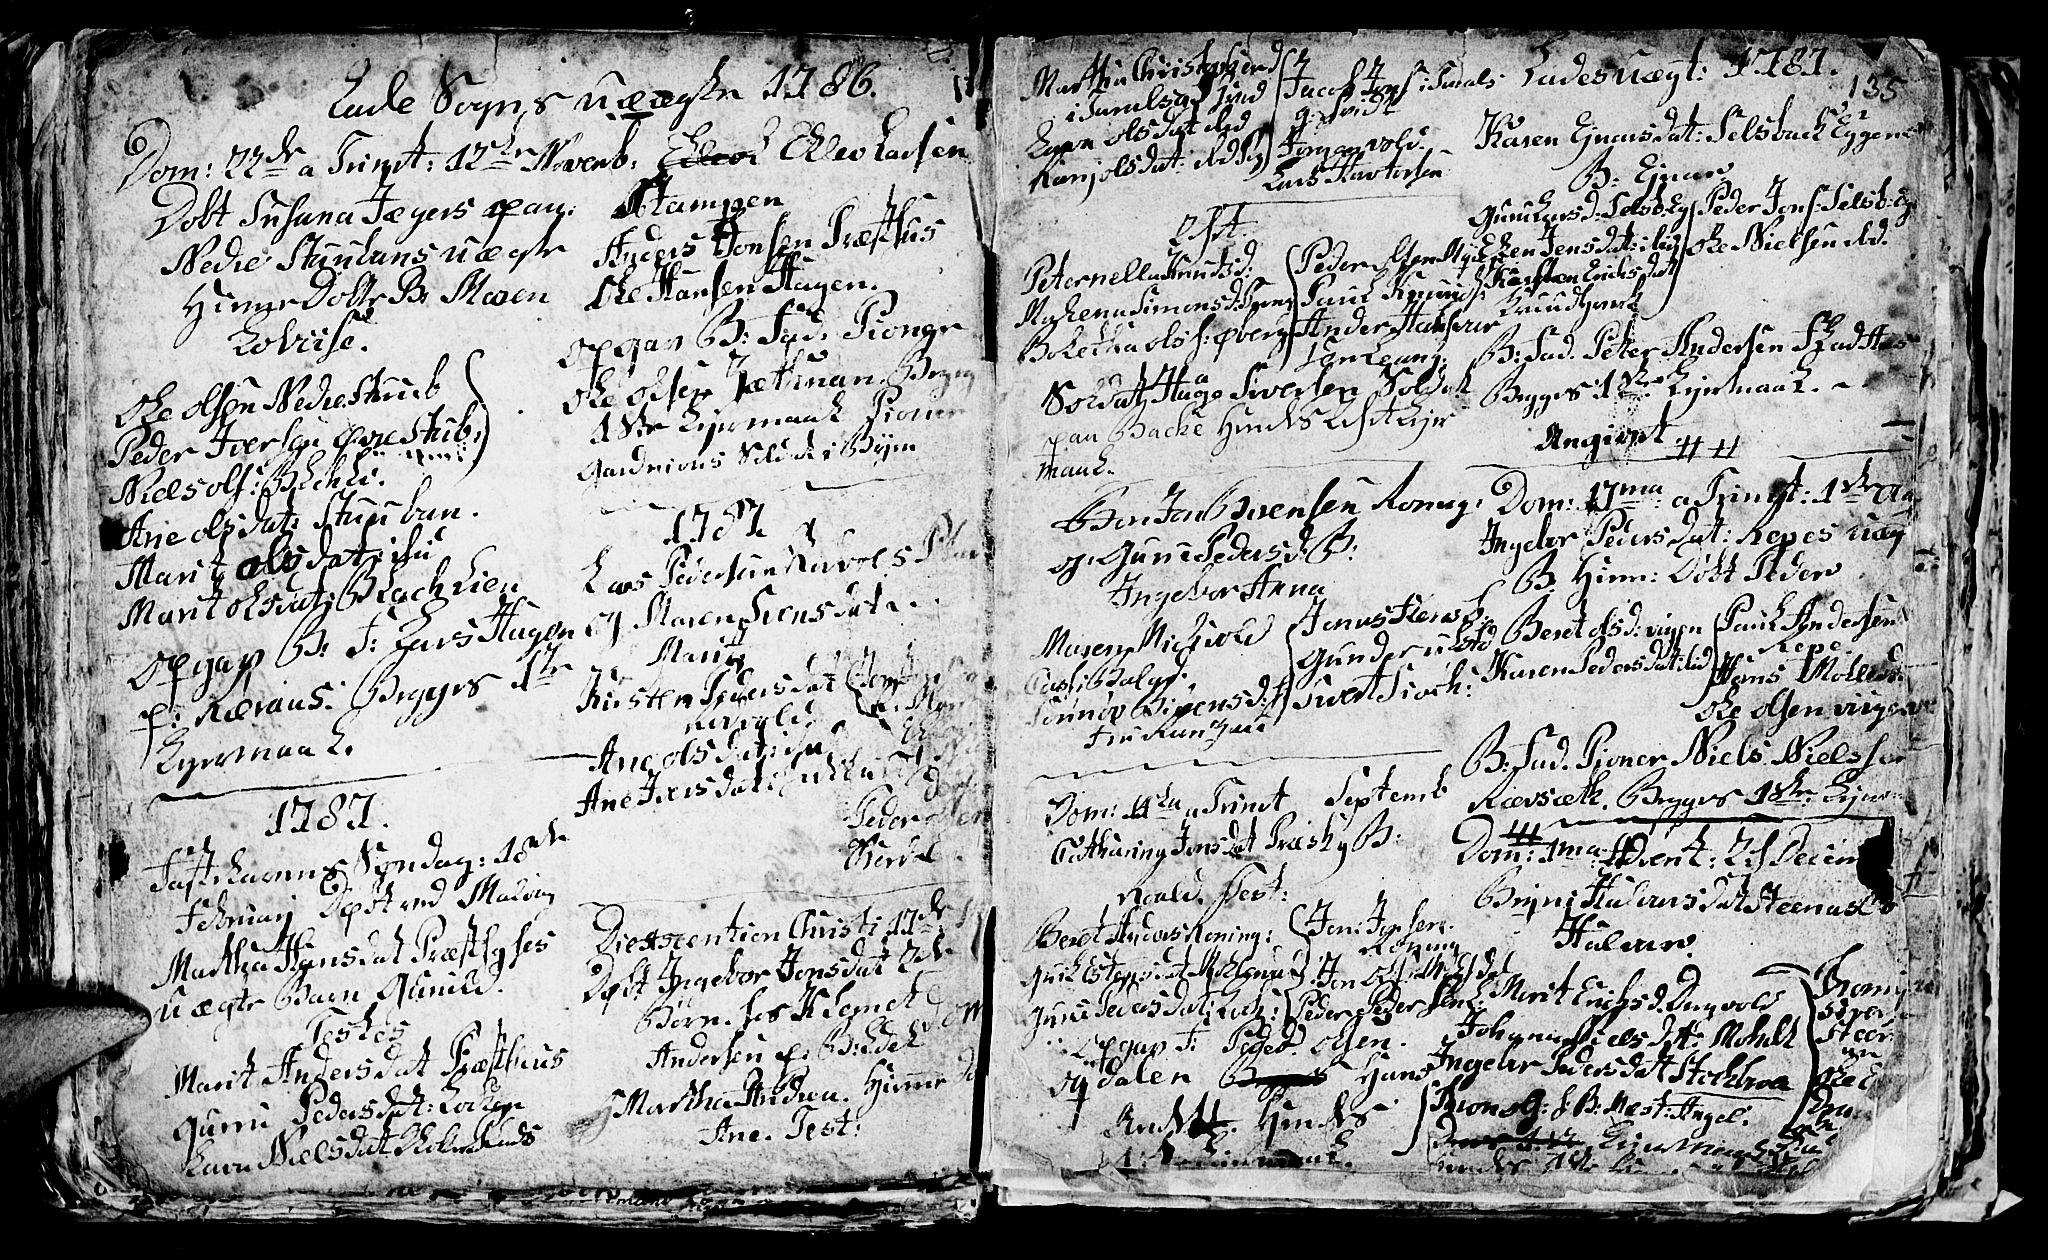 SAT, Ministerialprotokoller, klokkerbøker og fødselsregistre - Sør-Trøndelag, 606/L0305: Klokkerbok nr. 606C01, 1757-1819, s. 135